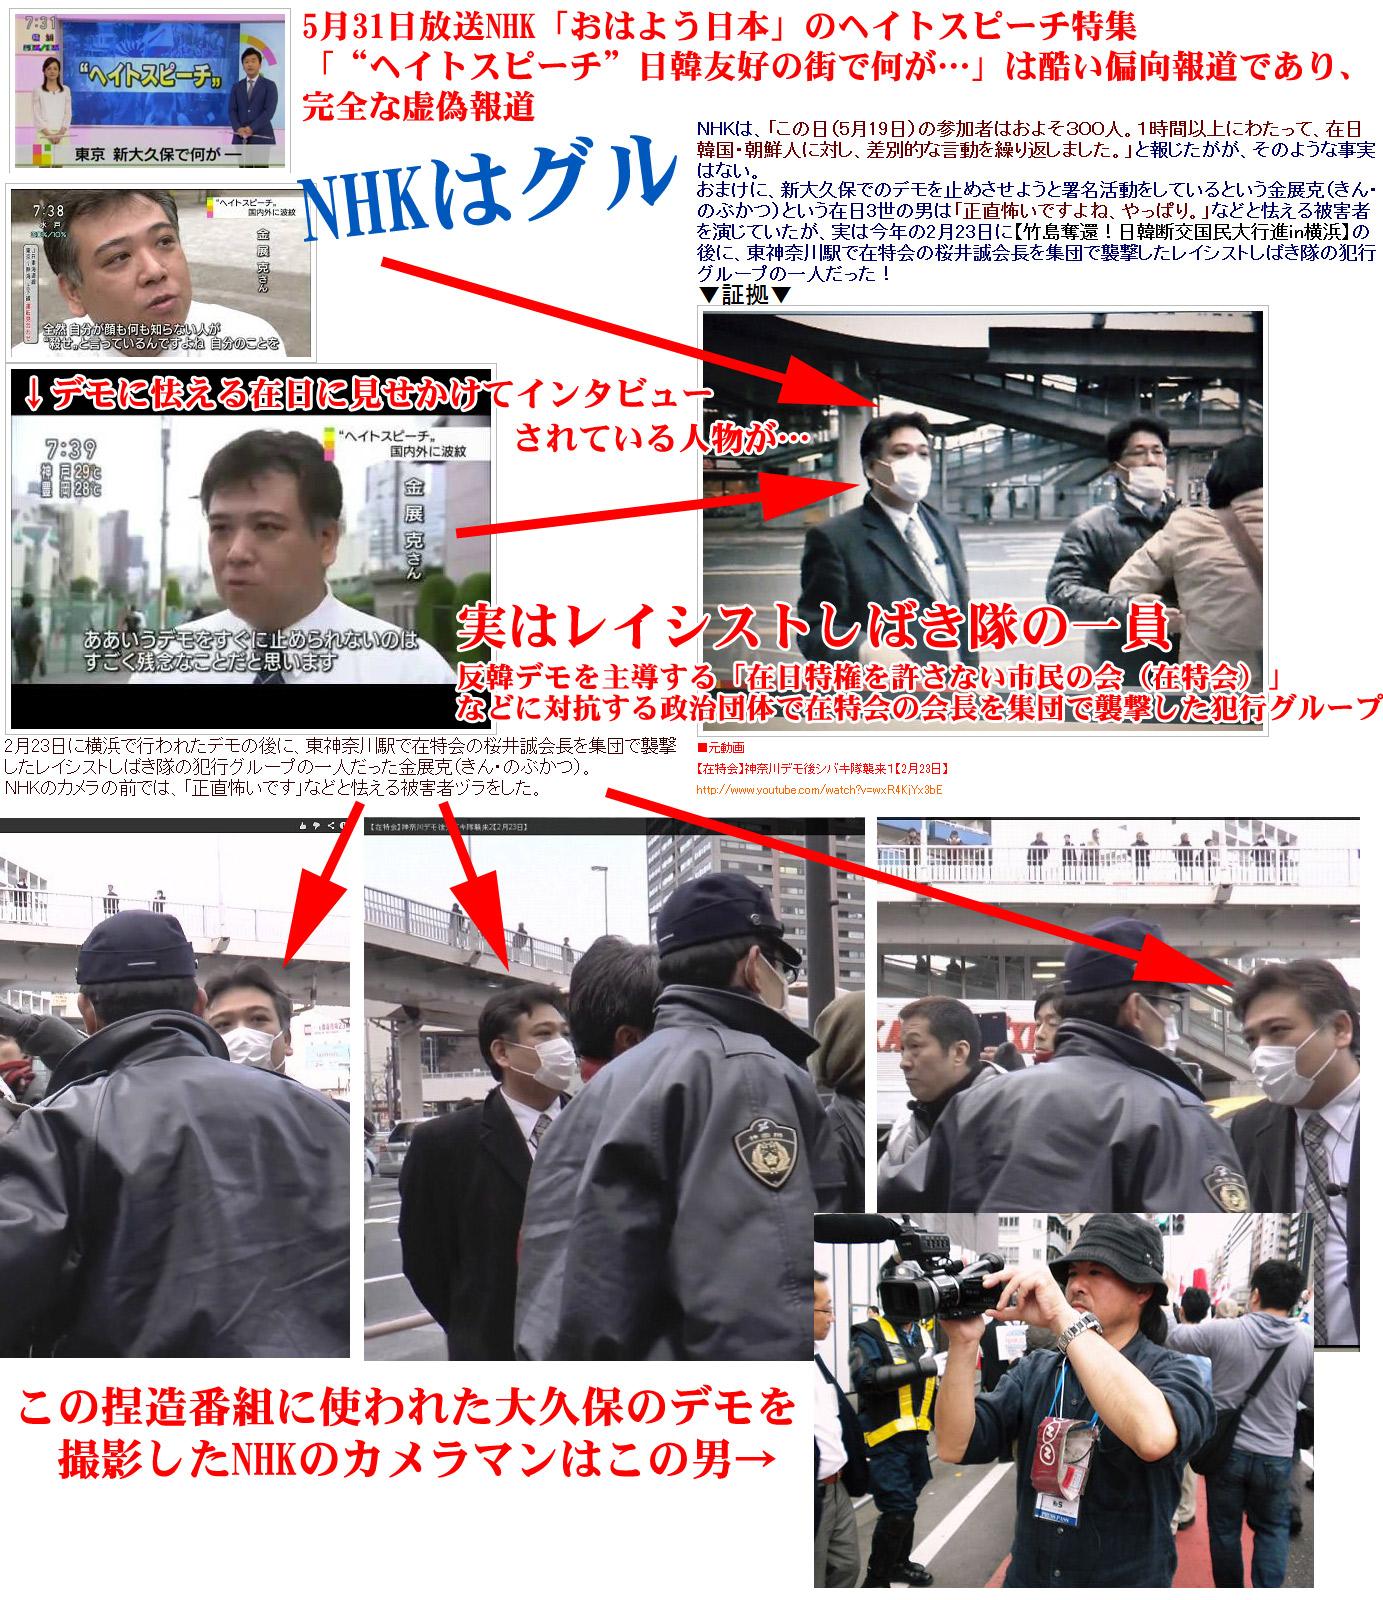 【しなさまの】NHK日本放送協会【犬】1匹目 (463)